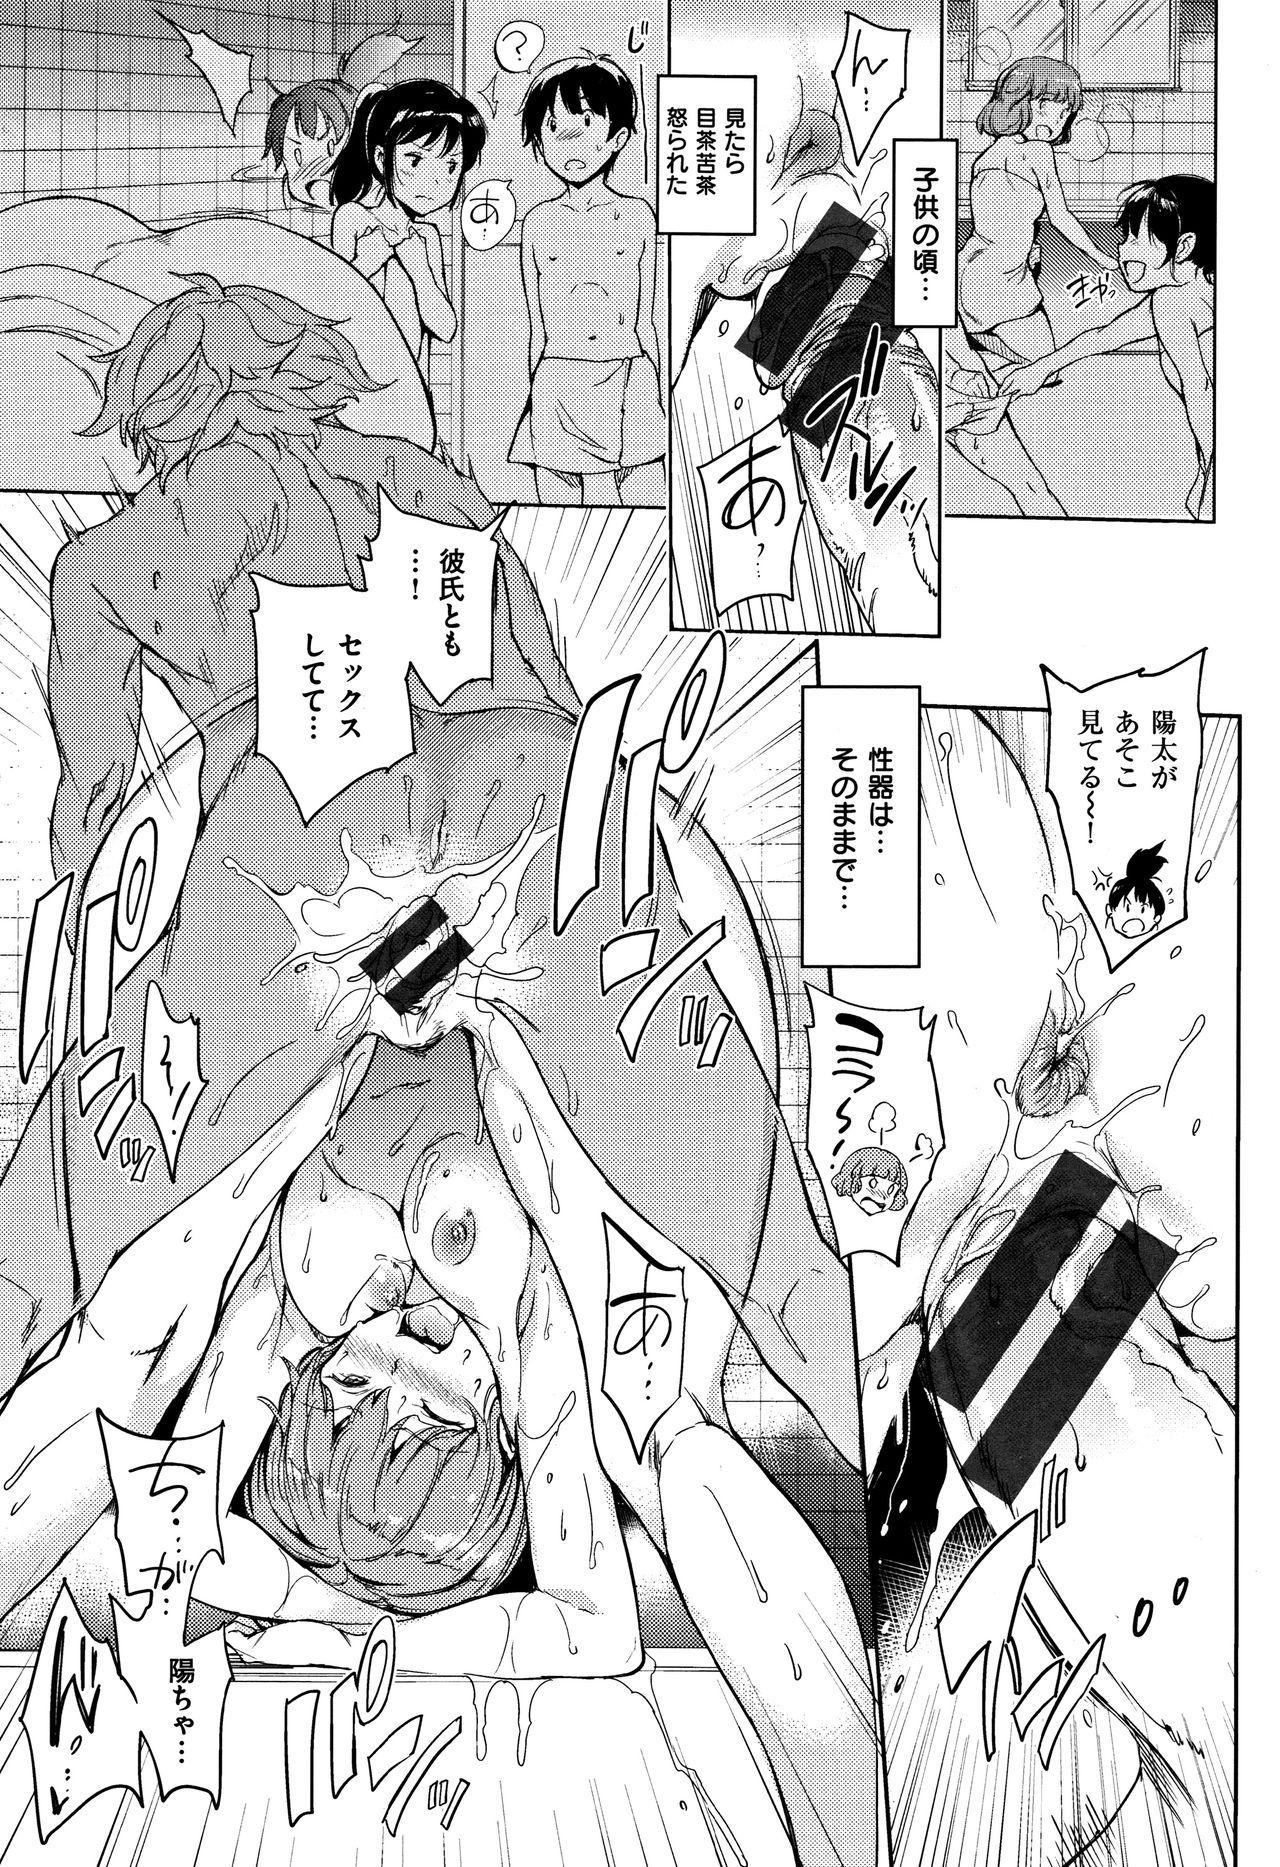 Yoru no Koibito 155